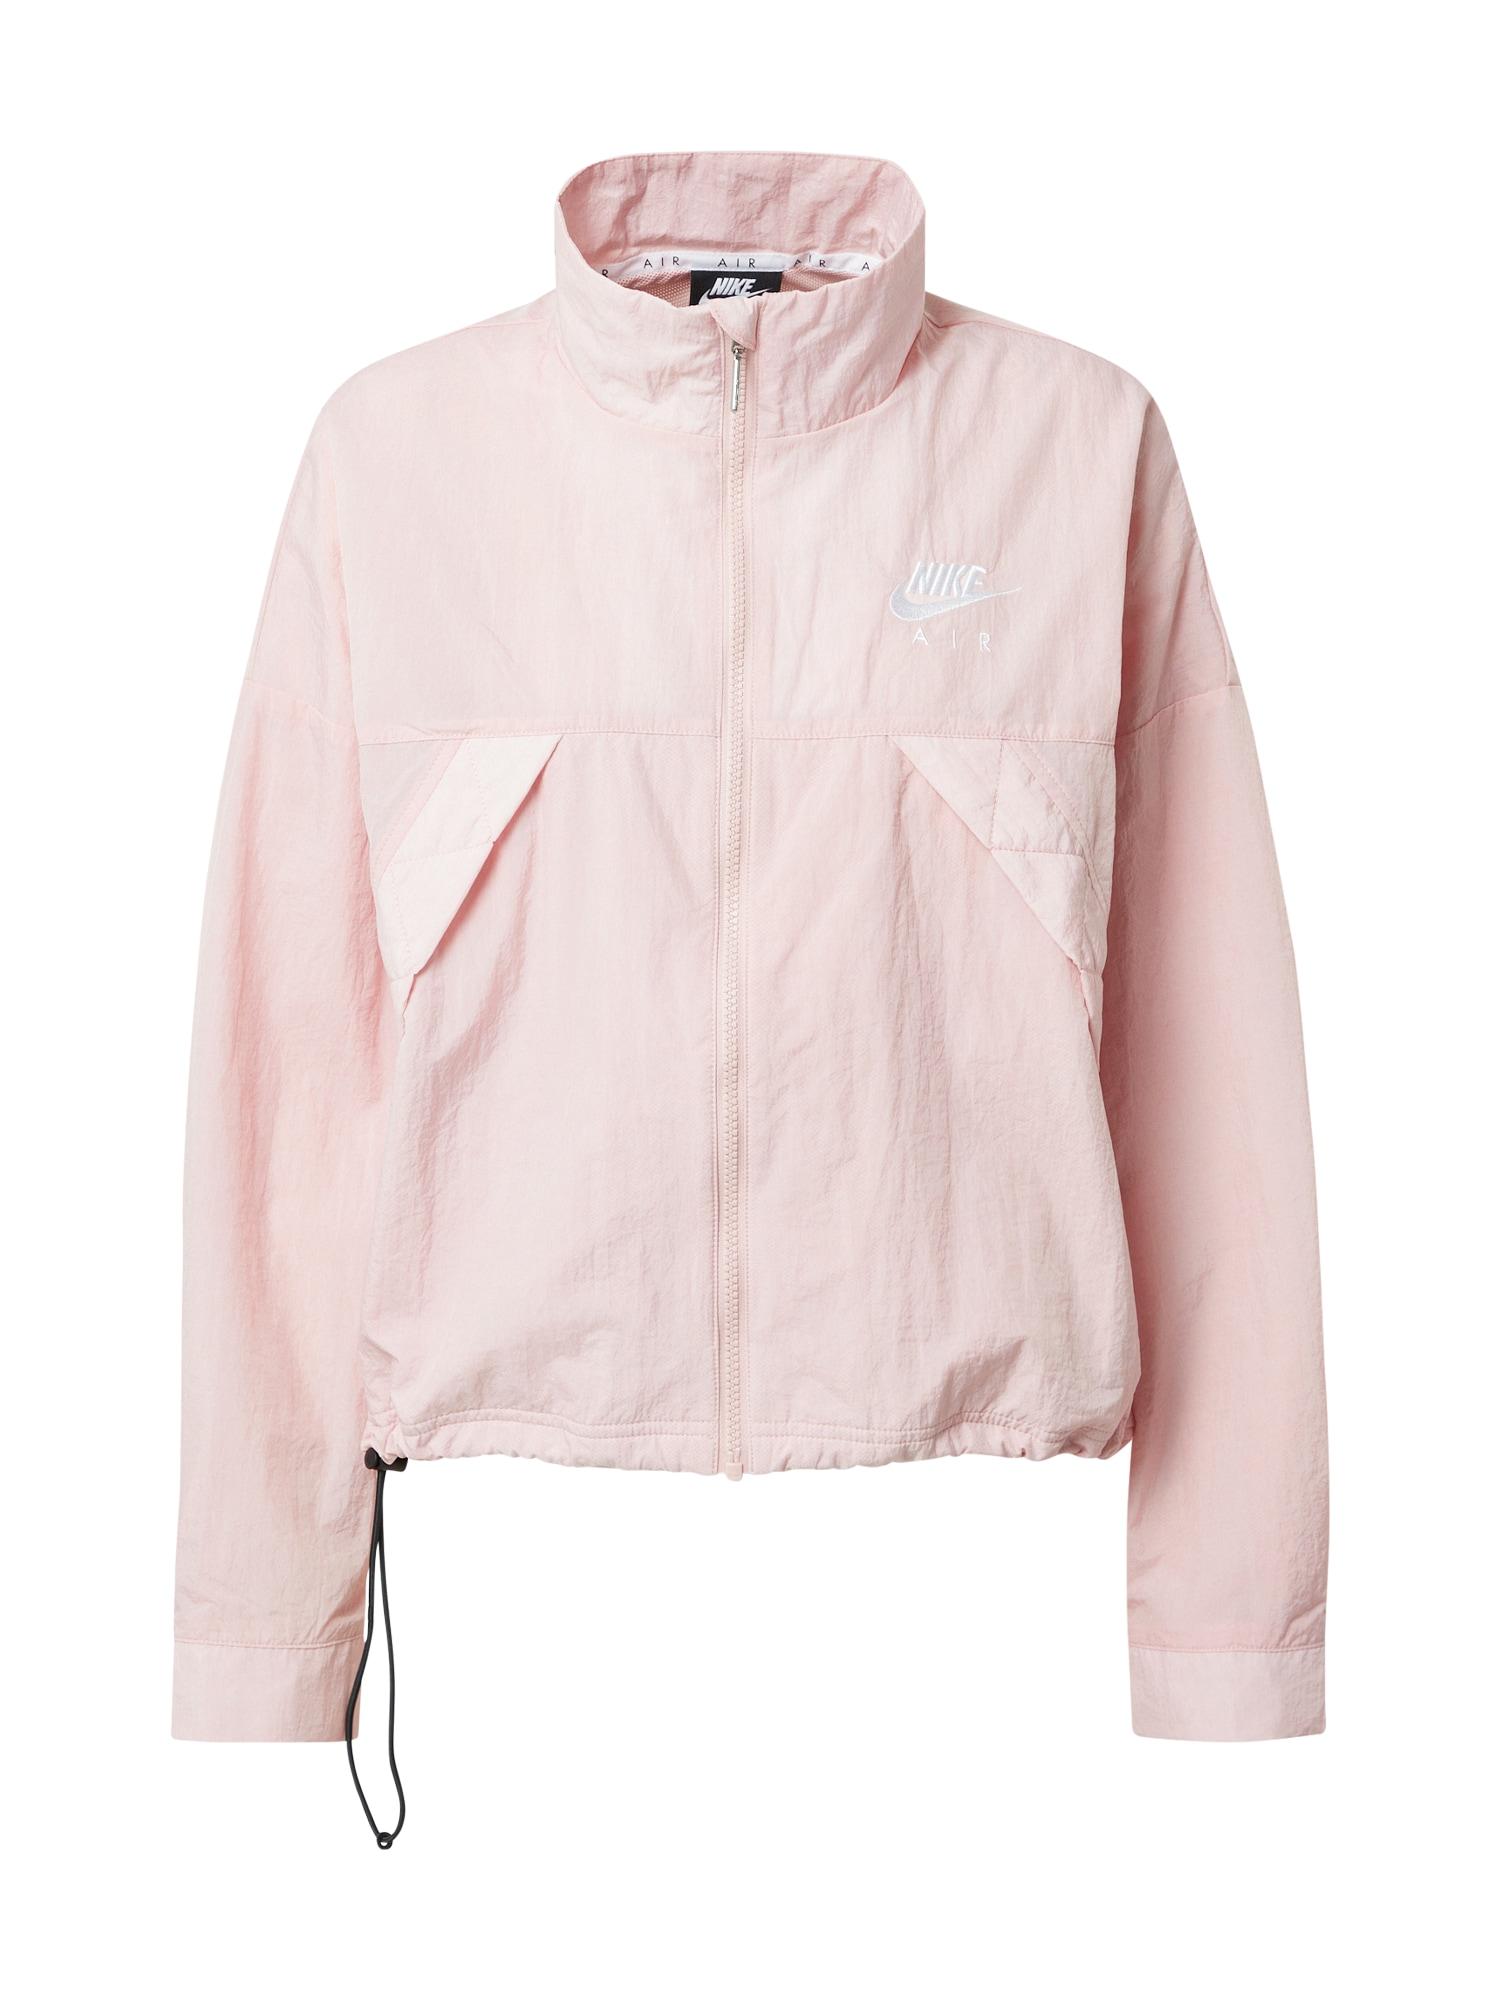 Nike Sportswear Demisezoninė striukė rožių spalva / balta